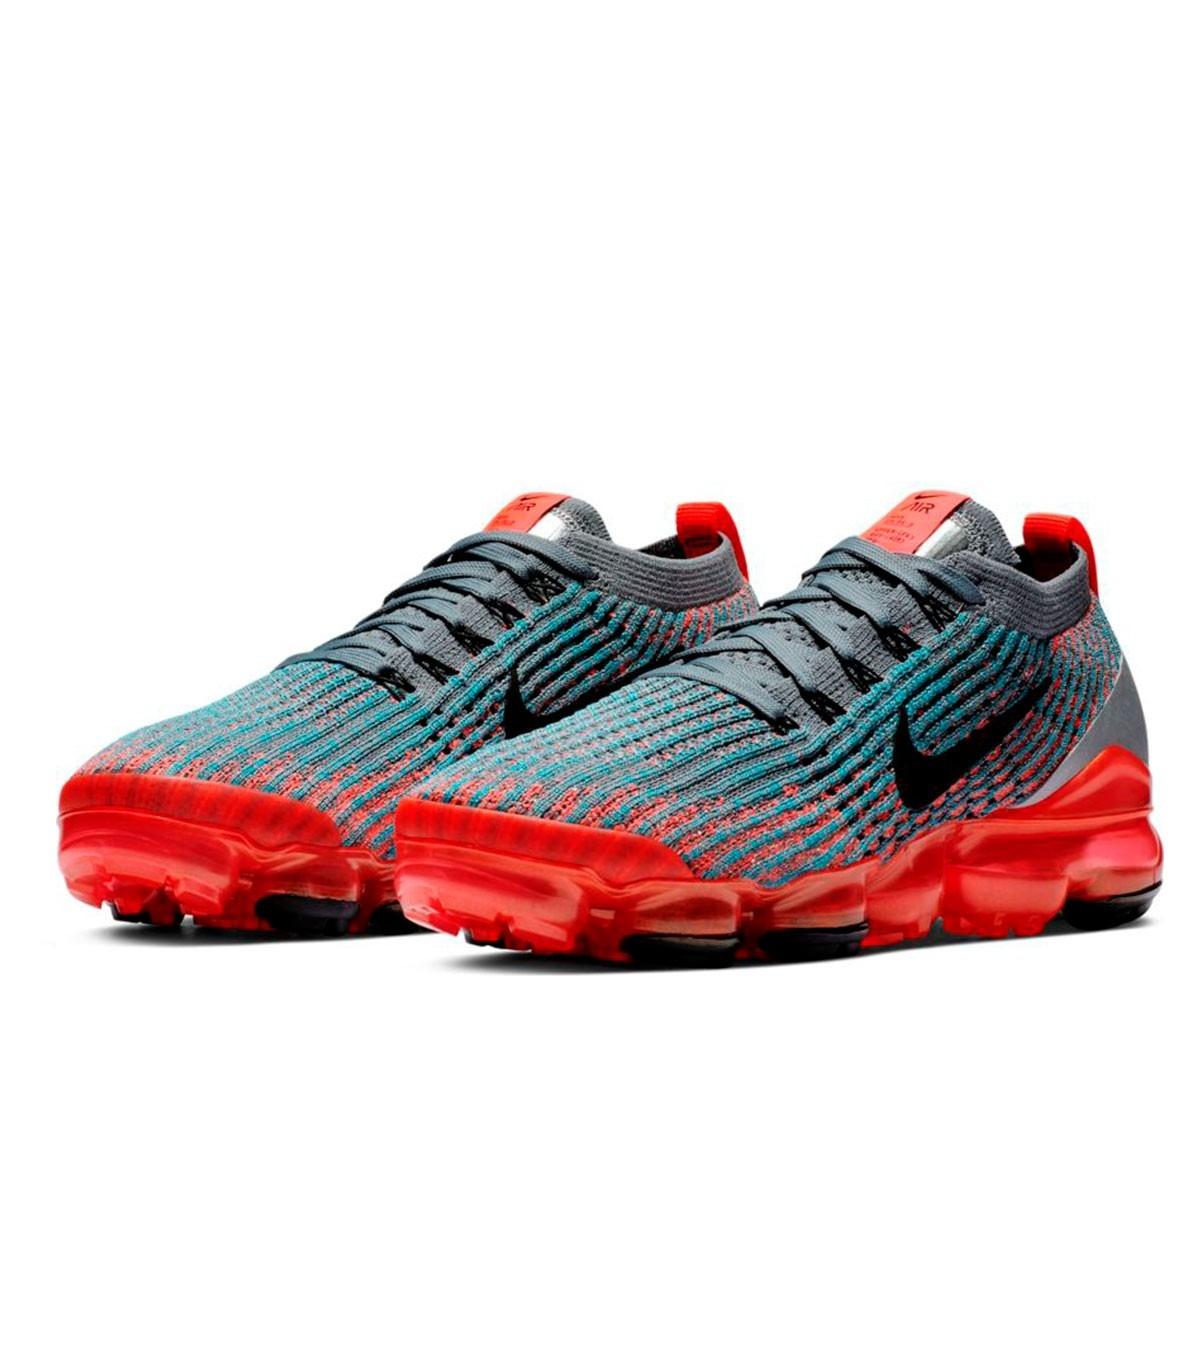 0ad6ce4fe84 Buy Zapatillas Nike Vapormax Flyknit 3